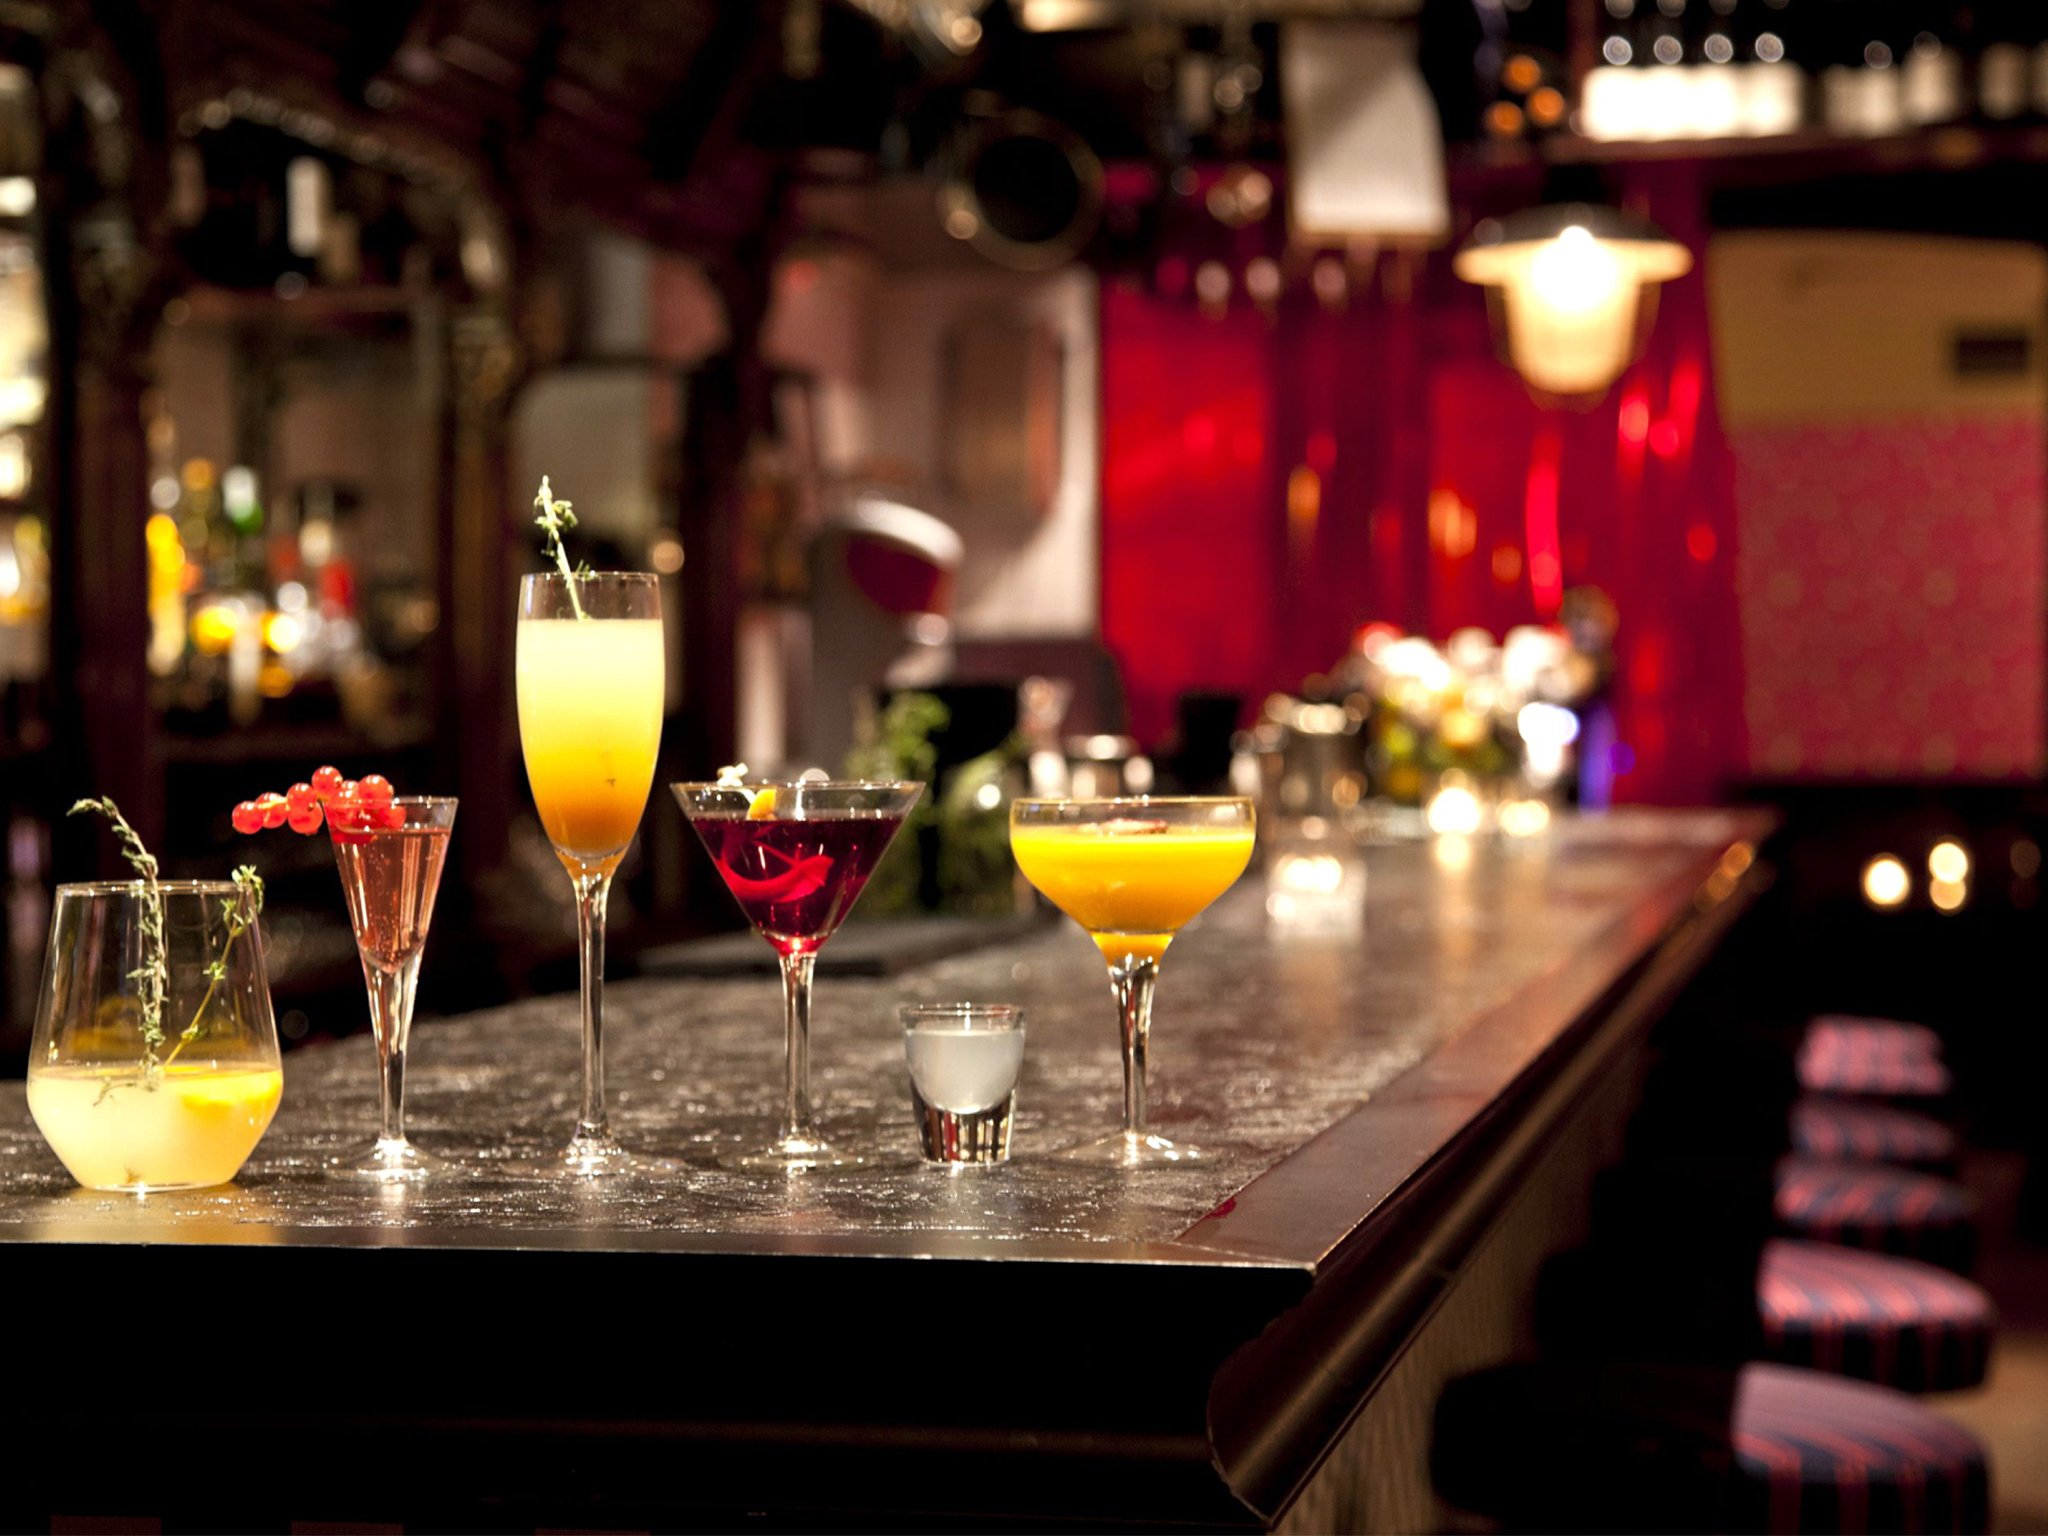 Apprendre à préparer 3 cocktails d'une manière parfaite